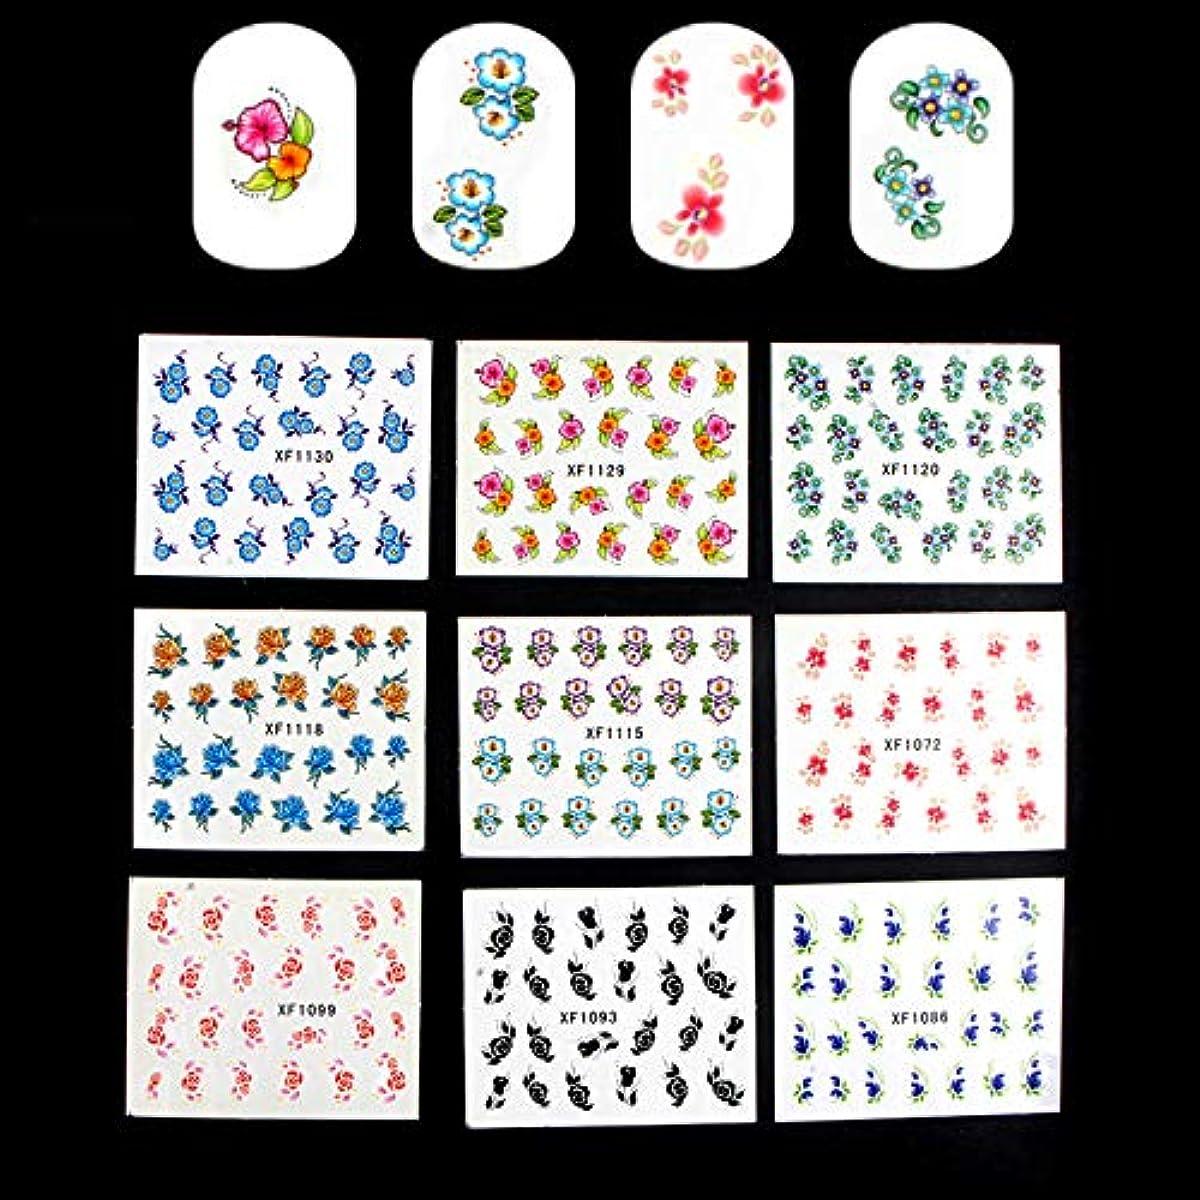 ひどく細胞彼はSUKTI&XIAO ネイルステッカー 74枚の花レースなどデザイン水転写ステッカーネイルアートデカールDiyラップヒントマニキュアツール